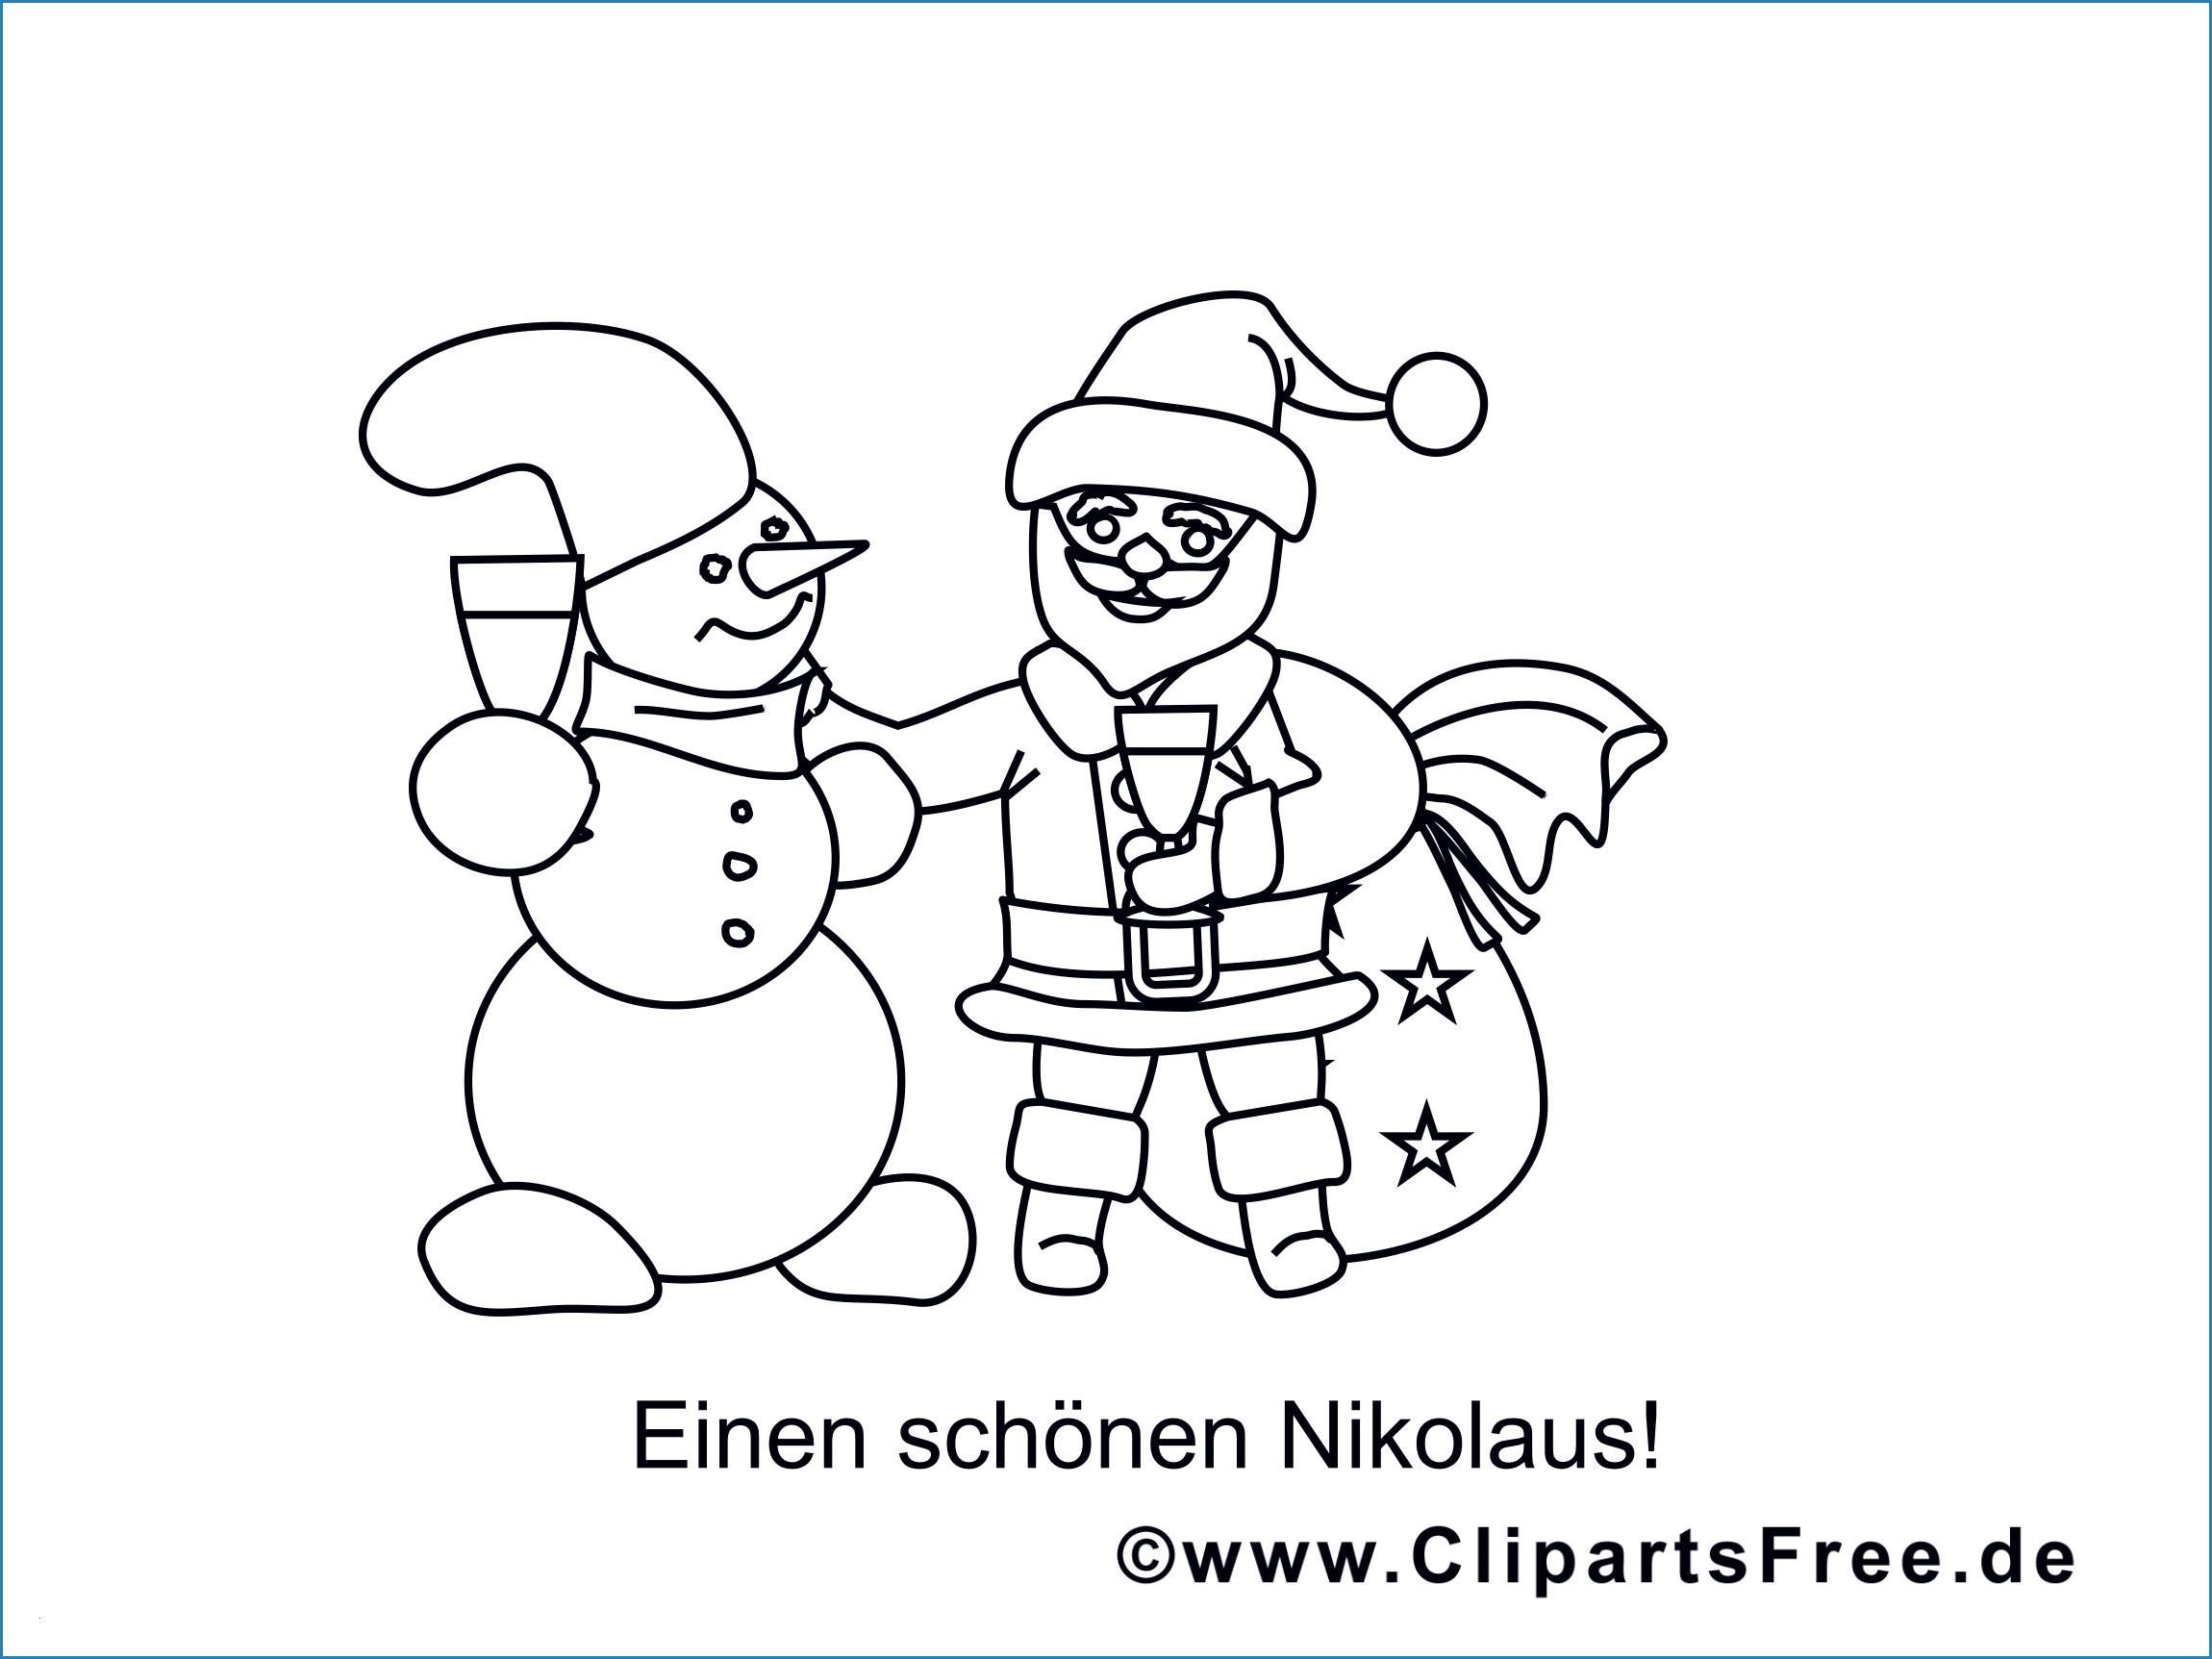 Ausmalbilder Zu Weihnachten Zum Ausdrucken Neu Schneemann Vorlage Zum Ausdrucken Elegant Ausmalbilder Galerie